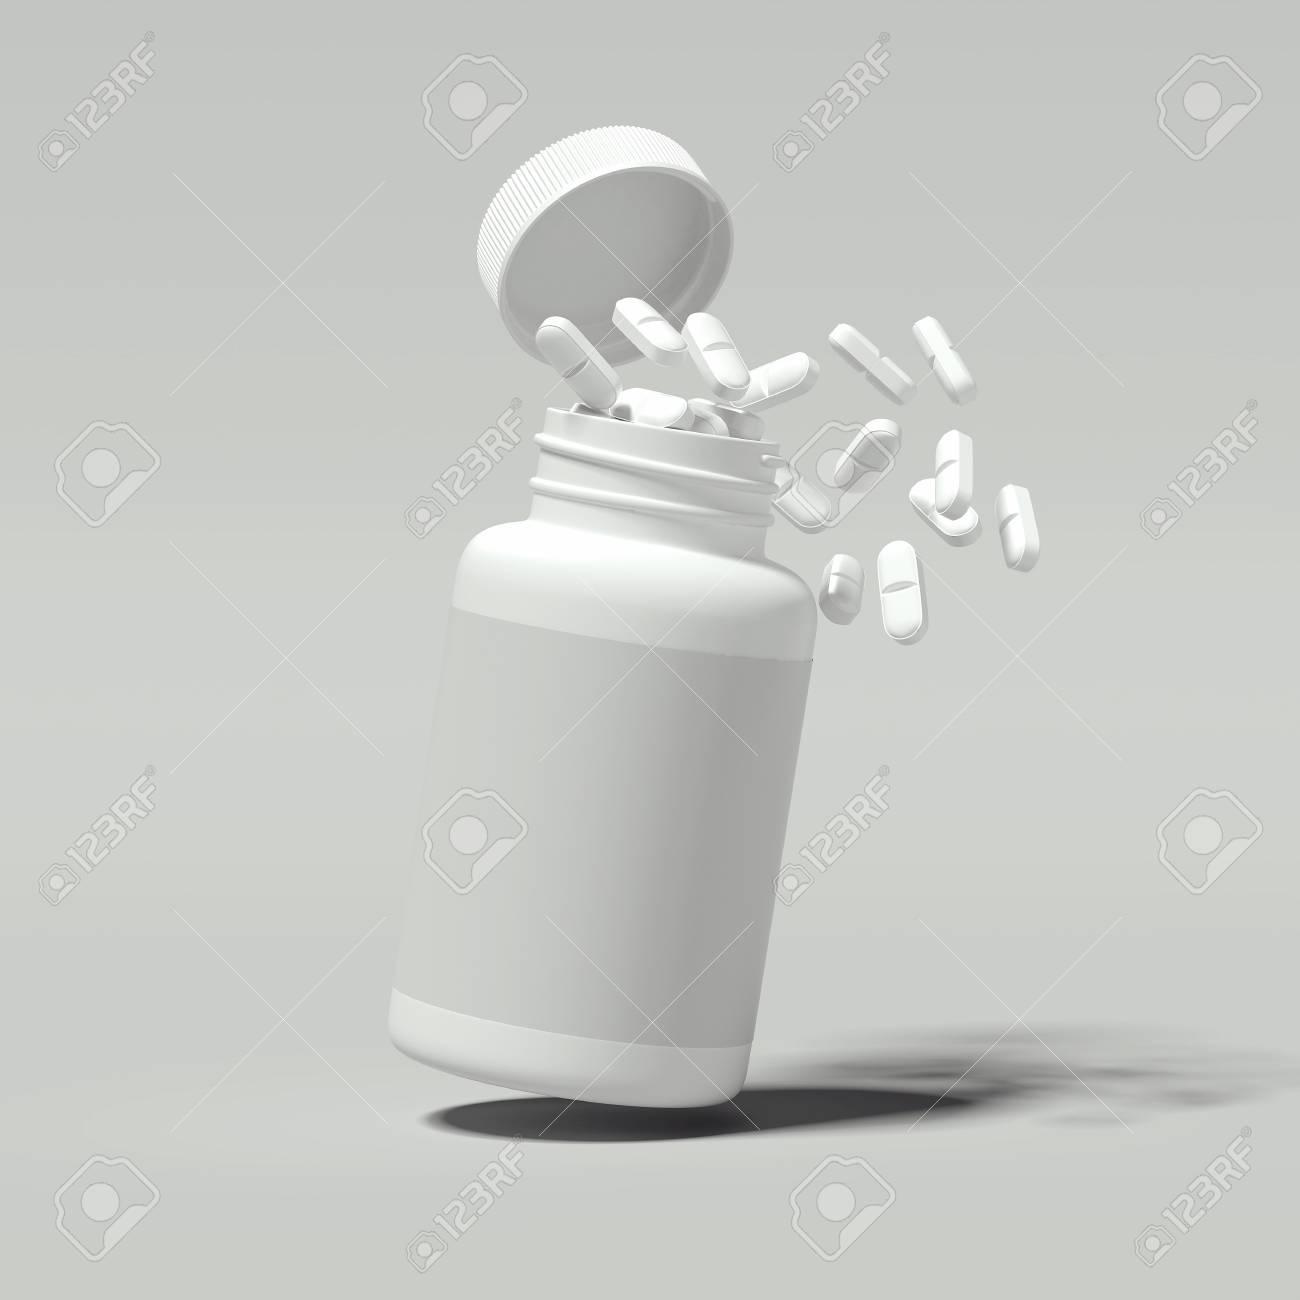 White pills spilling out of white bottle, 3d rendering. - 104840781